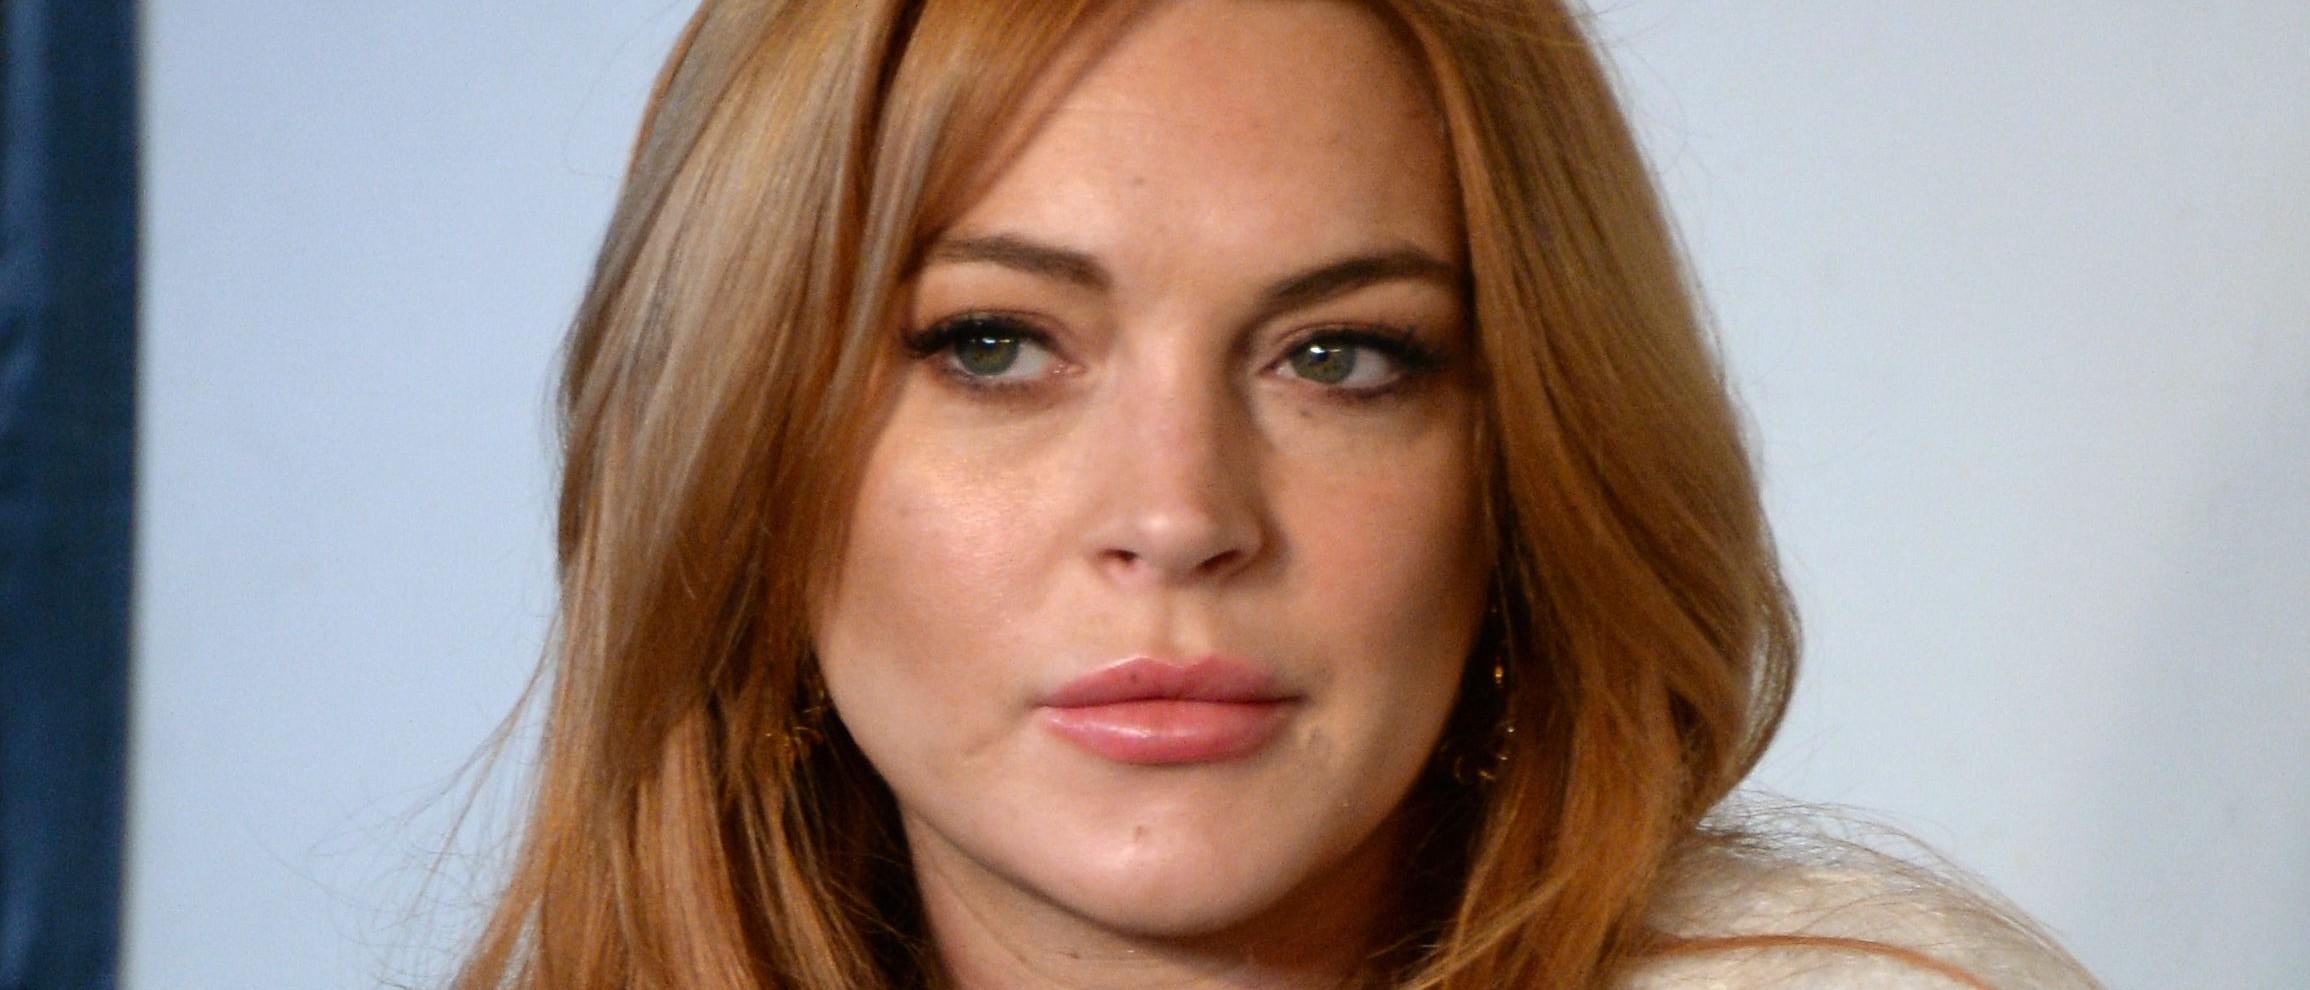 Lindsay Lohan on Donald Trump